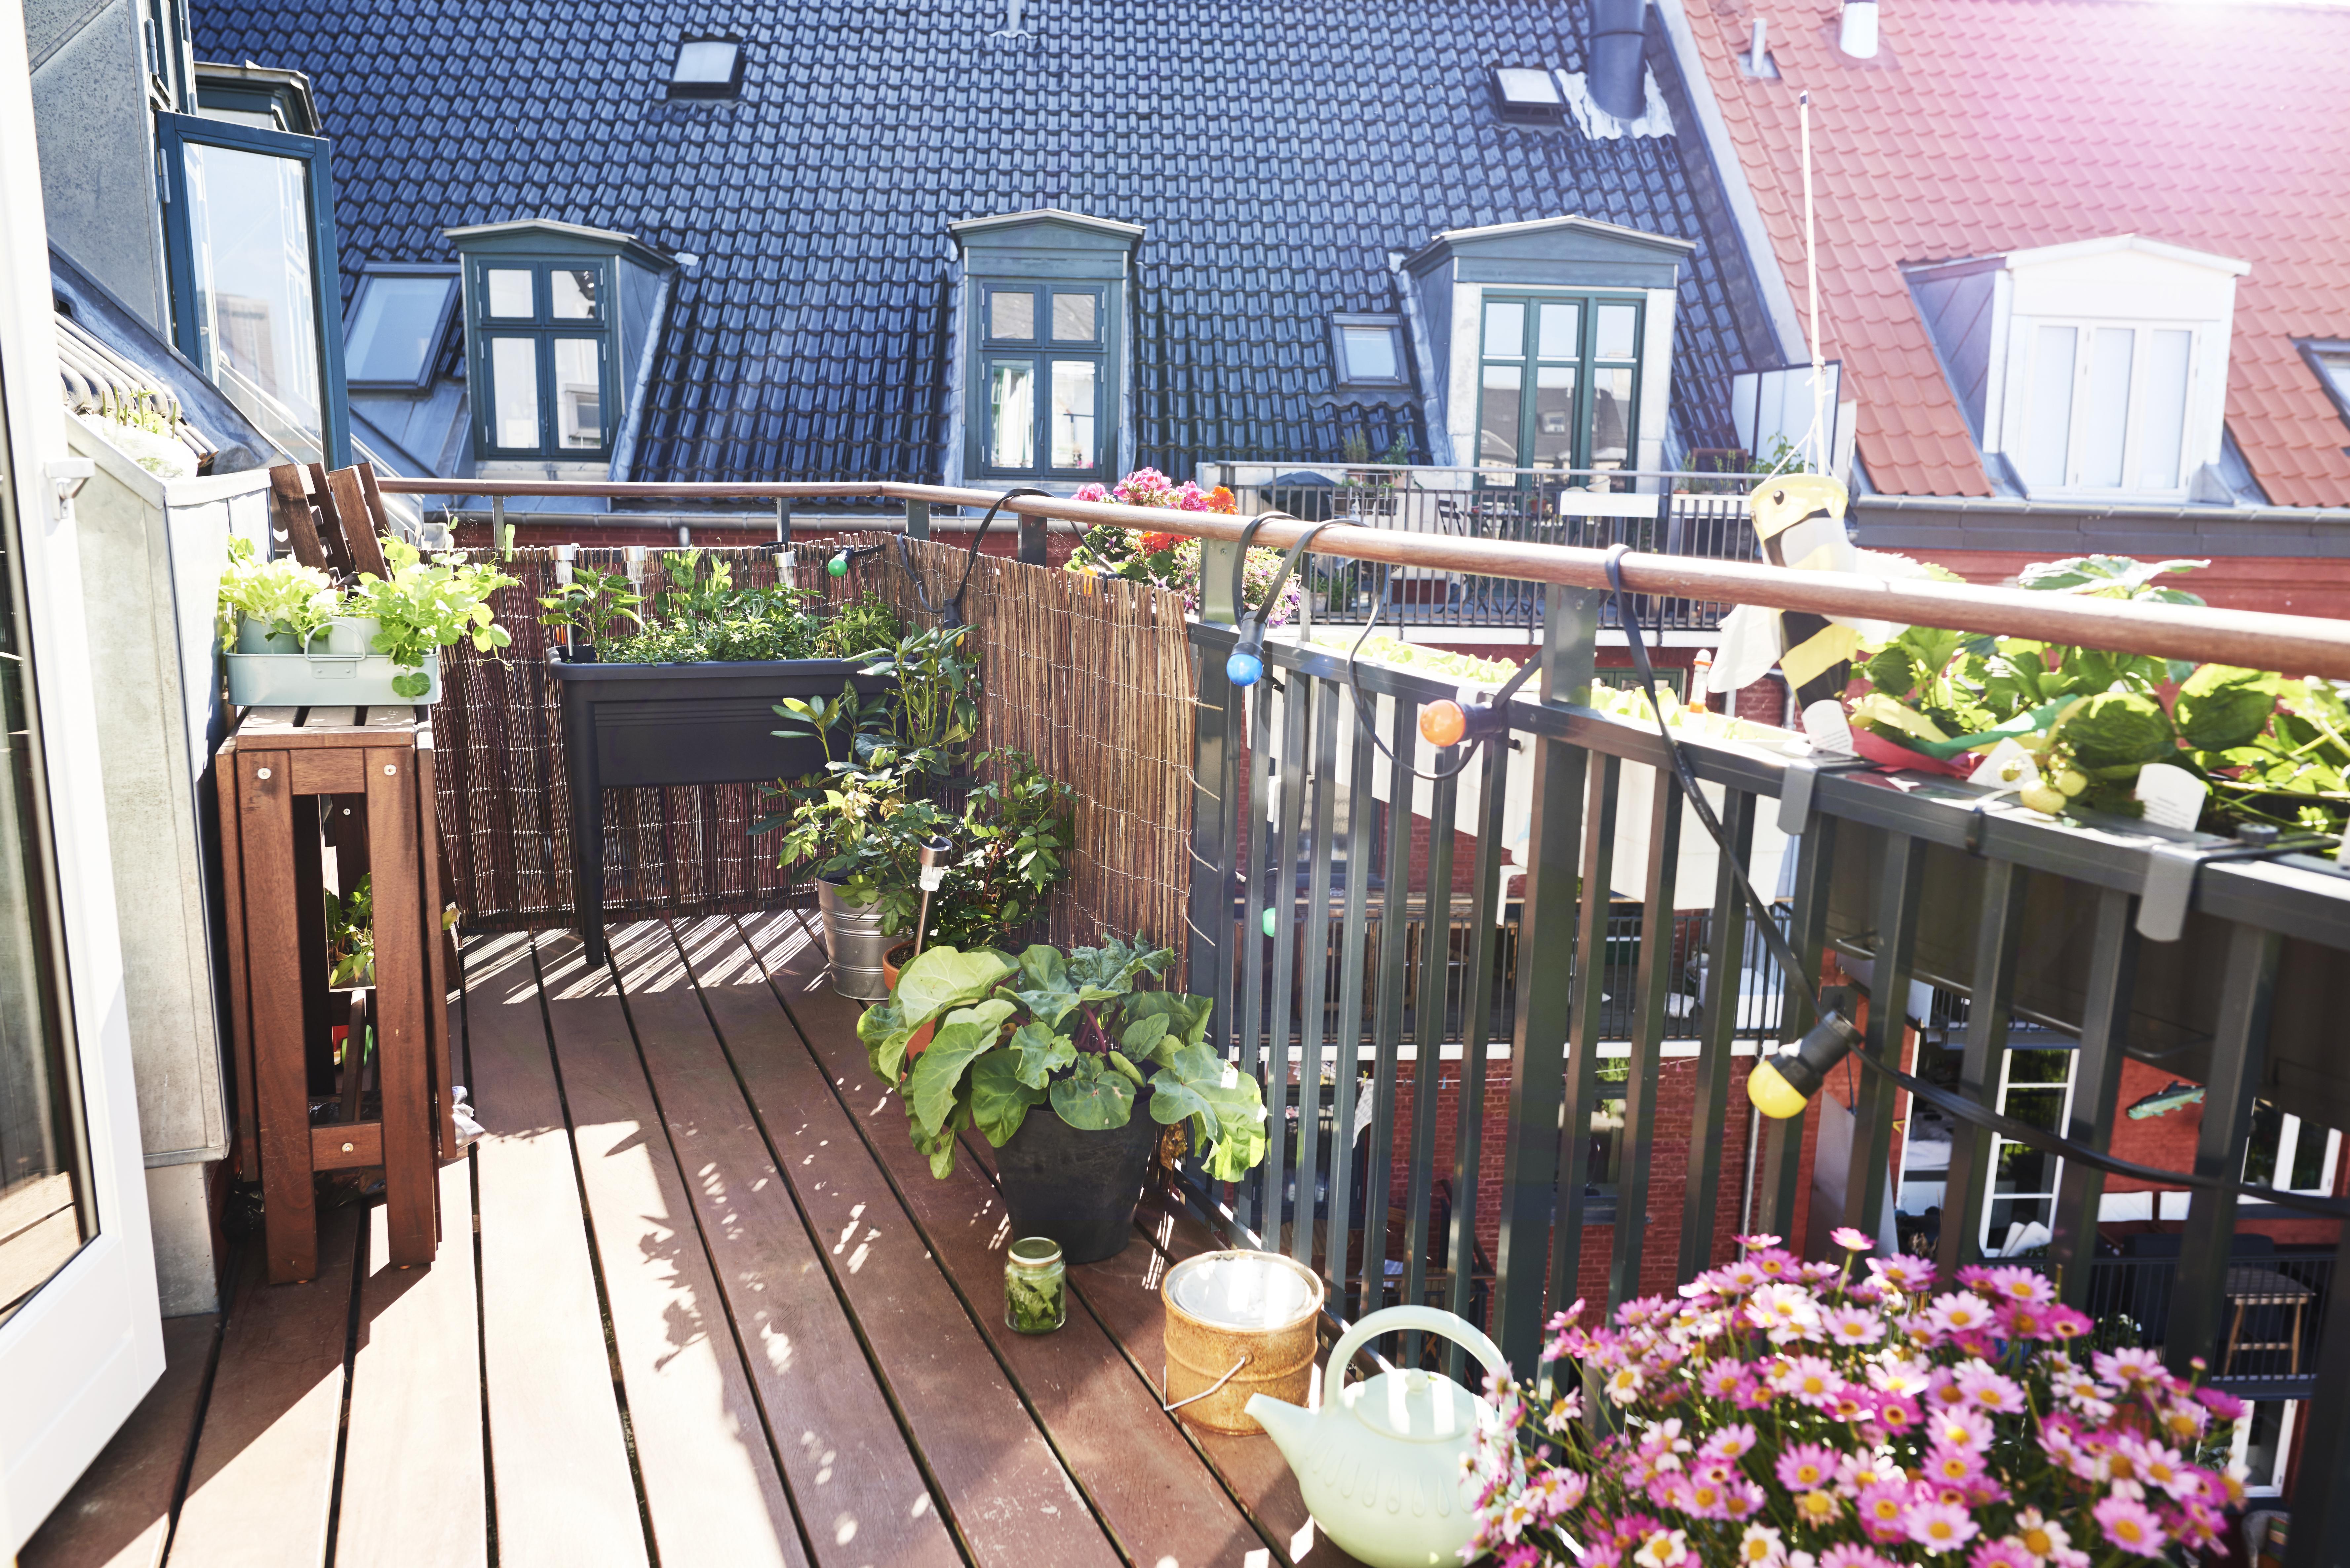 При еднофамилни къщи градината винаги се счита за част от жилището, освен ако в договора за наем не е посочено друго. При многофамилните сгради е точно обратното: наемателите могат да използват градината като част от жилището единствено с изрична клауза в договора.